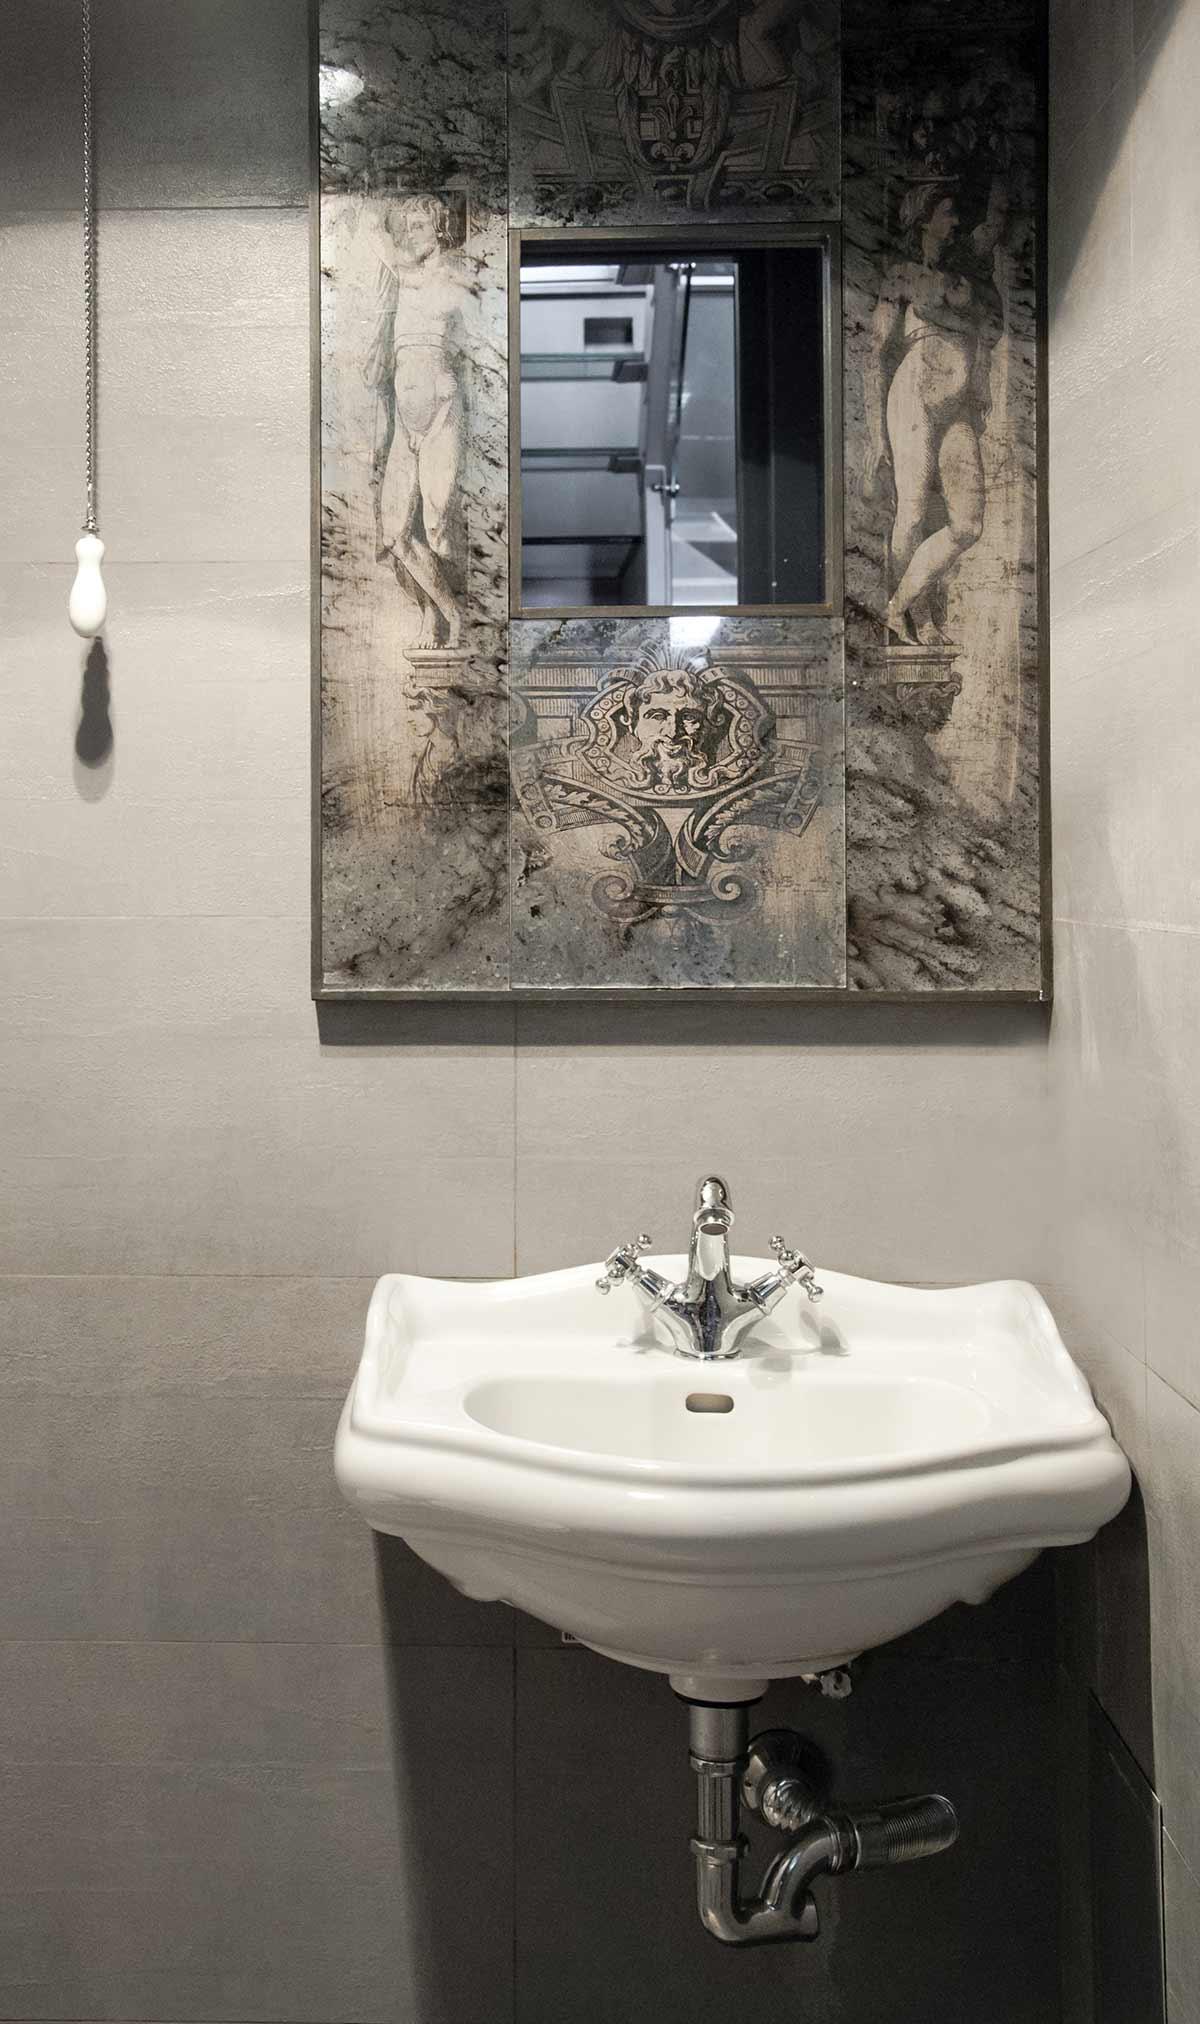 Baños Publicos Originales:Decoración de restaurantes de estética loft con muebles FS